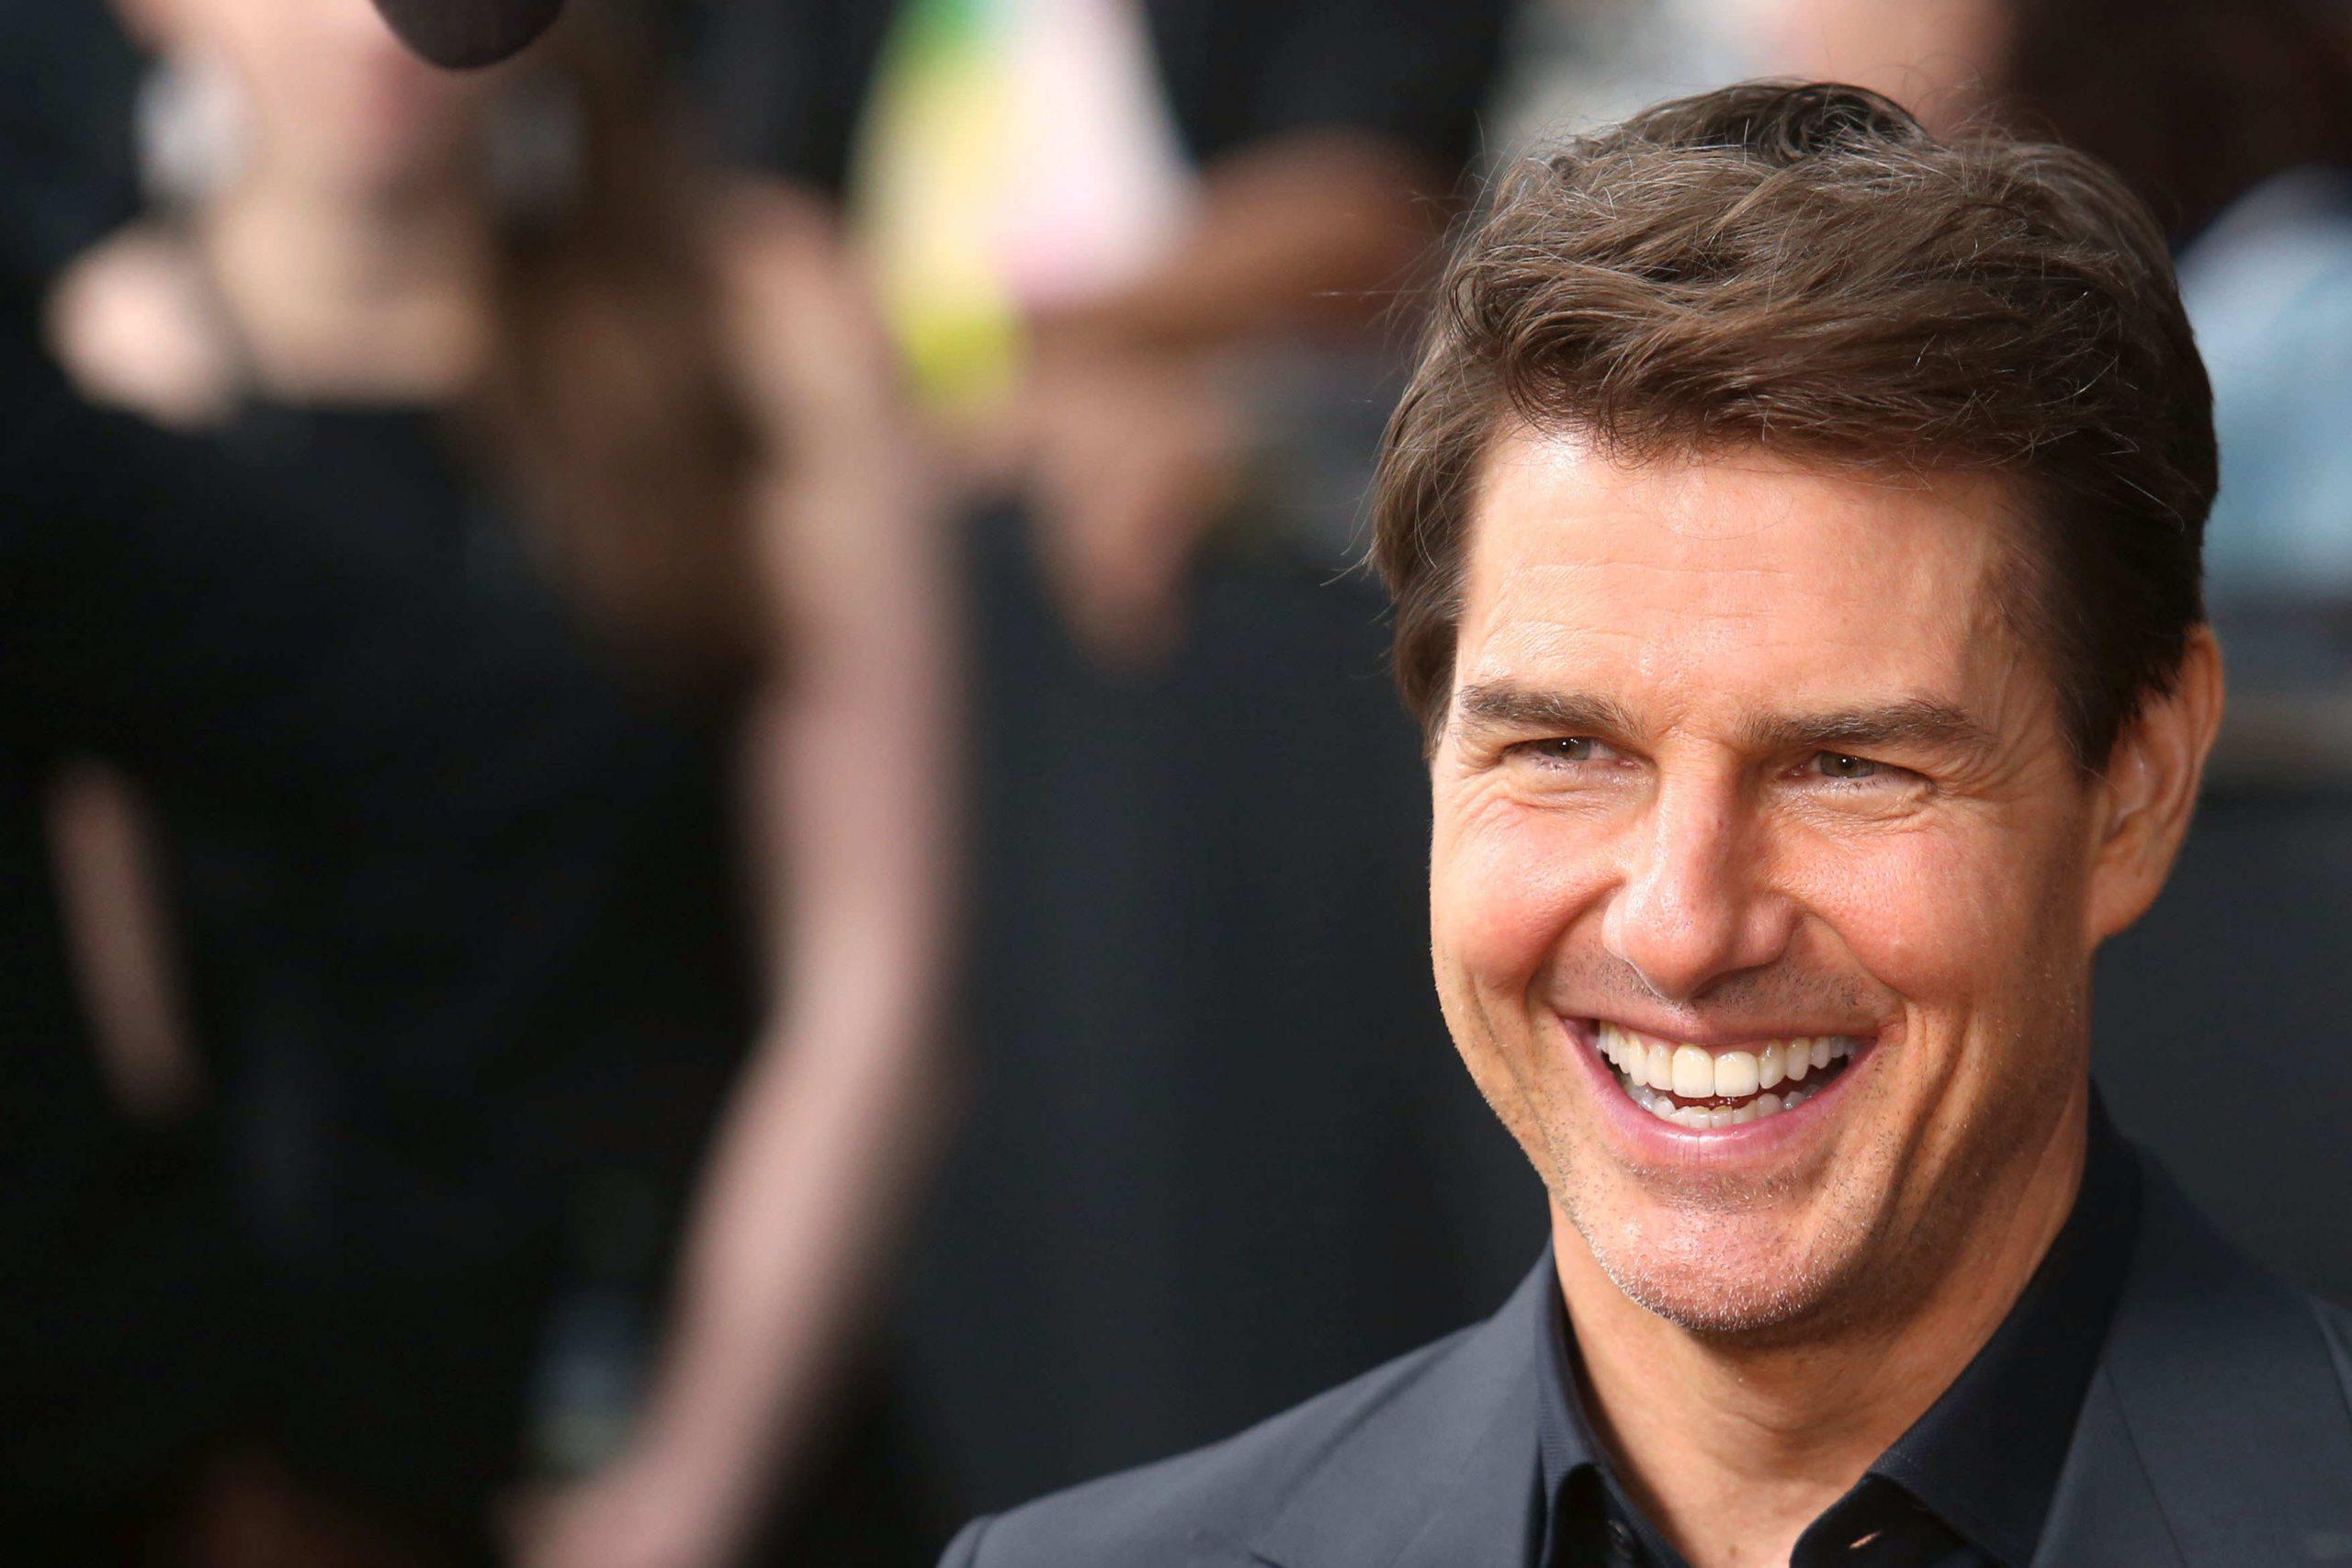 Por qué las celebrities lucen sonrisas de cine